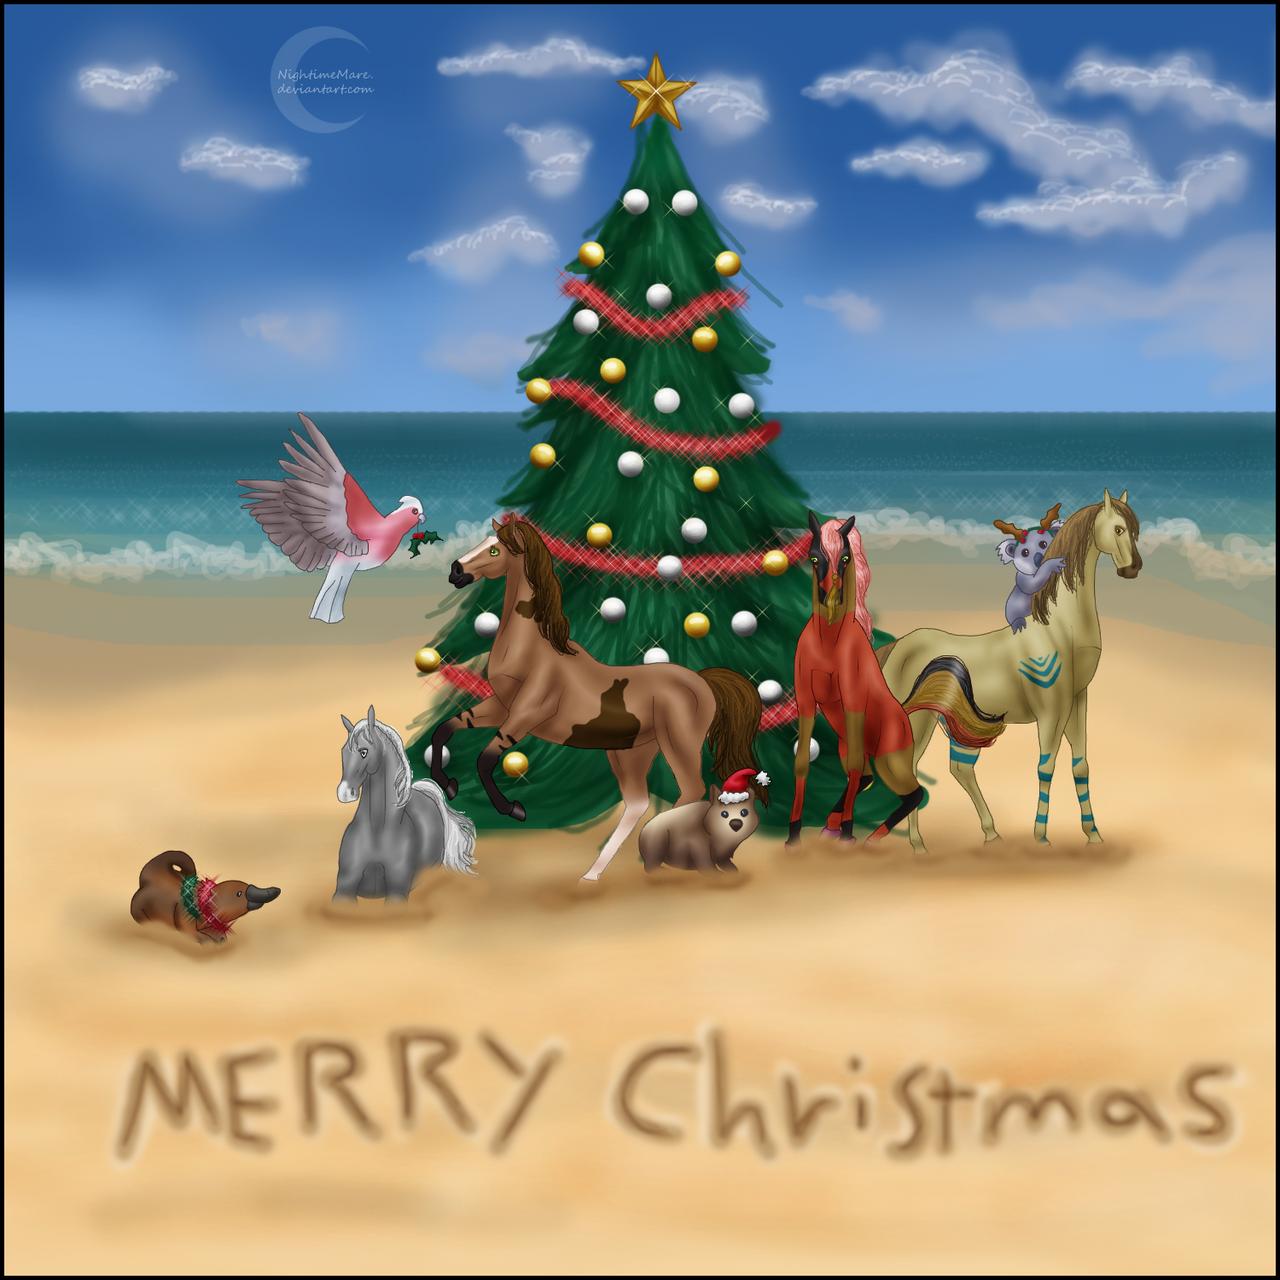 Aussie christmas by nightimemare on deviantart aussie christmas by nightimemare aussie christmas by nightimemare m4hsunfo